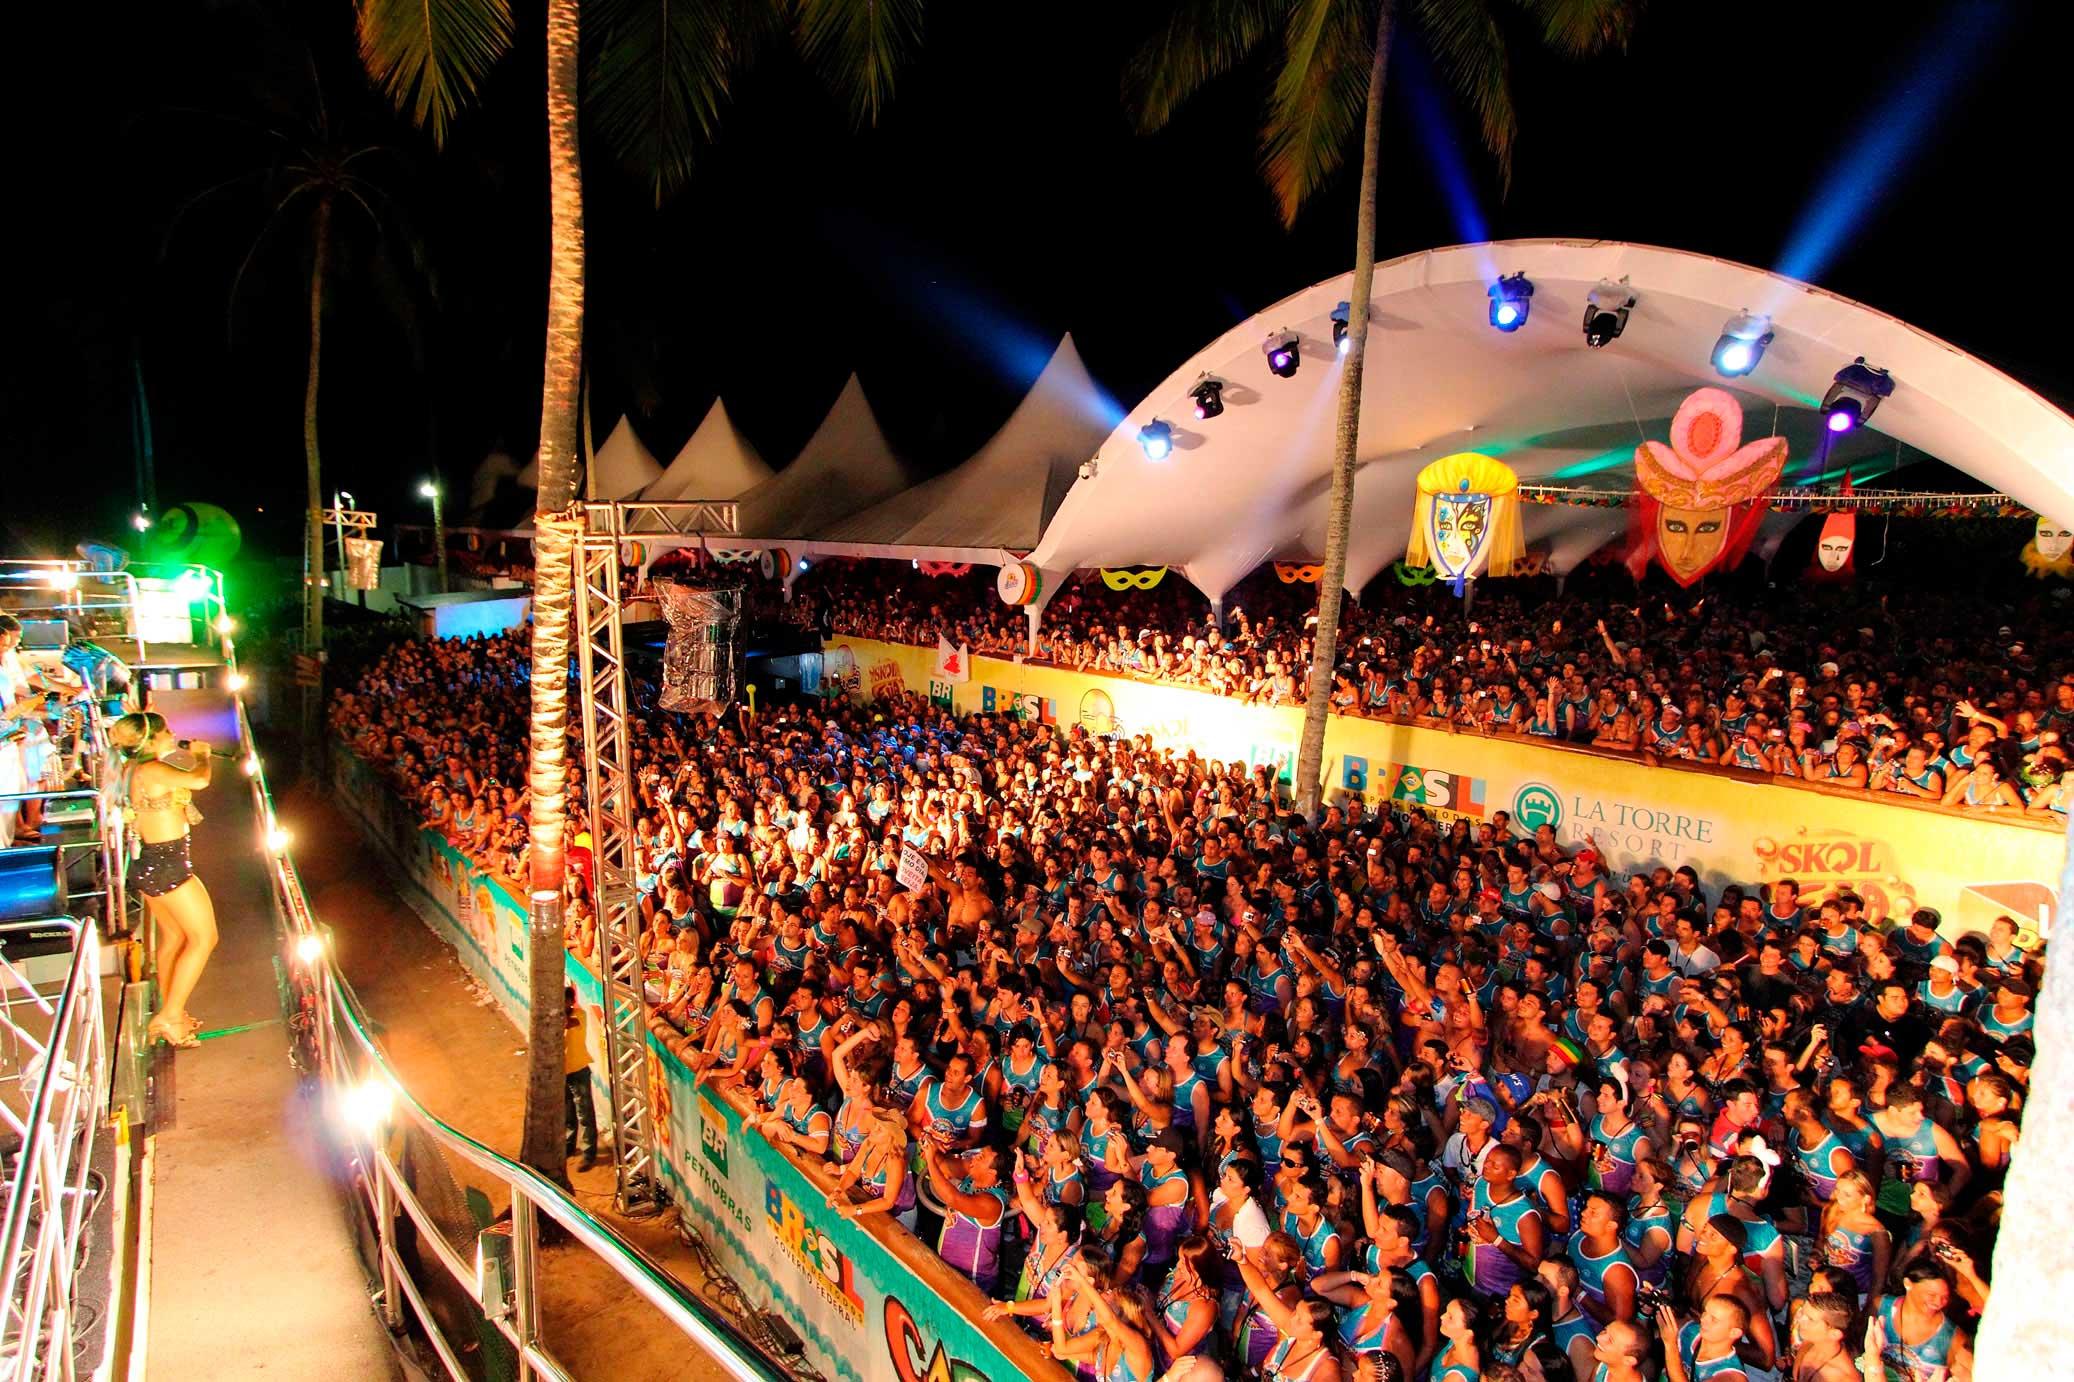 Salvador/ Crédito foto: http://www.guiagerais.com.br/noticias/michel-telo-e-feras-da-musica-baiana-agitam-carnaporto-2012/